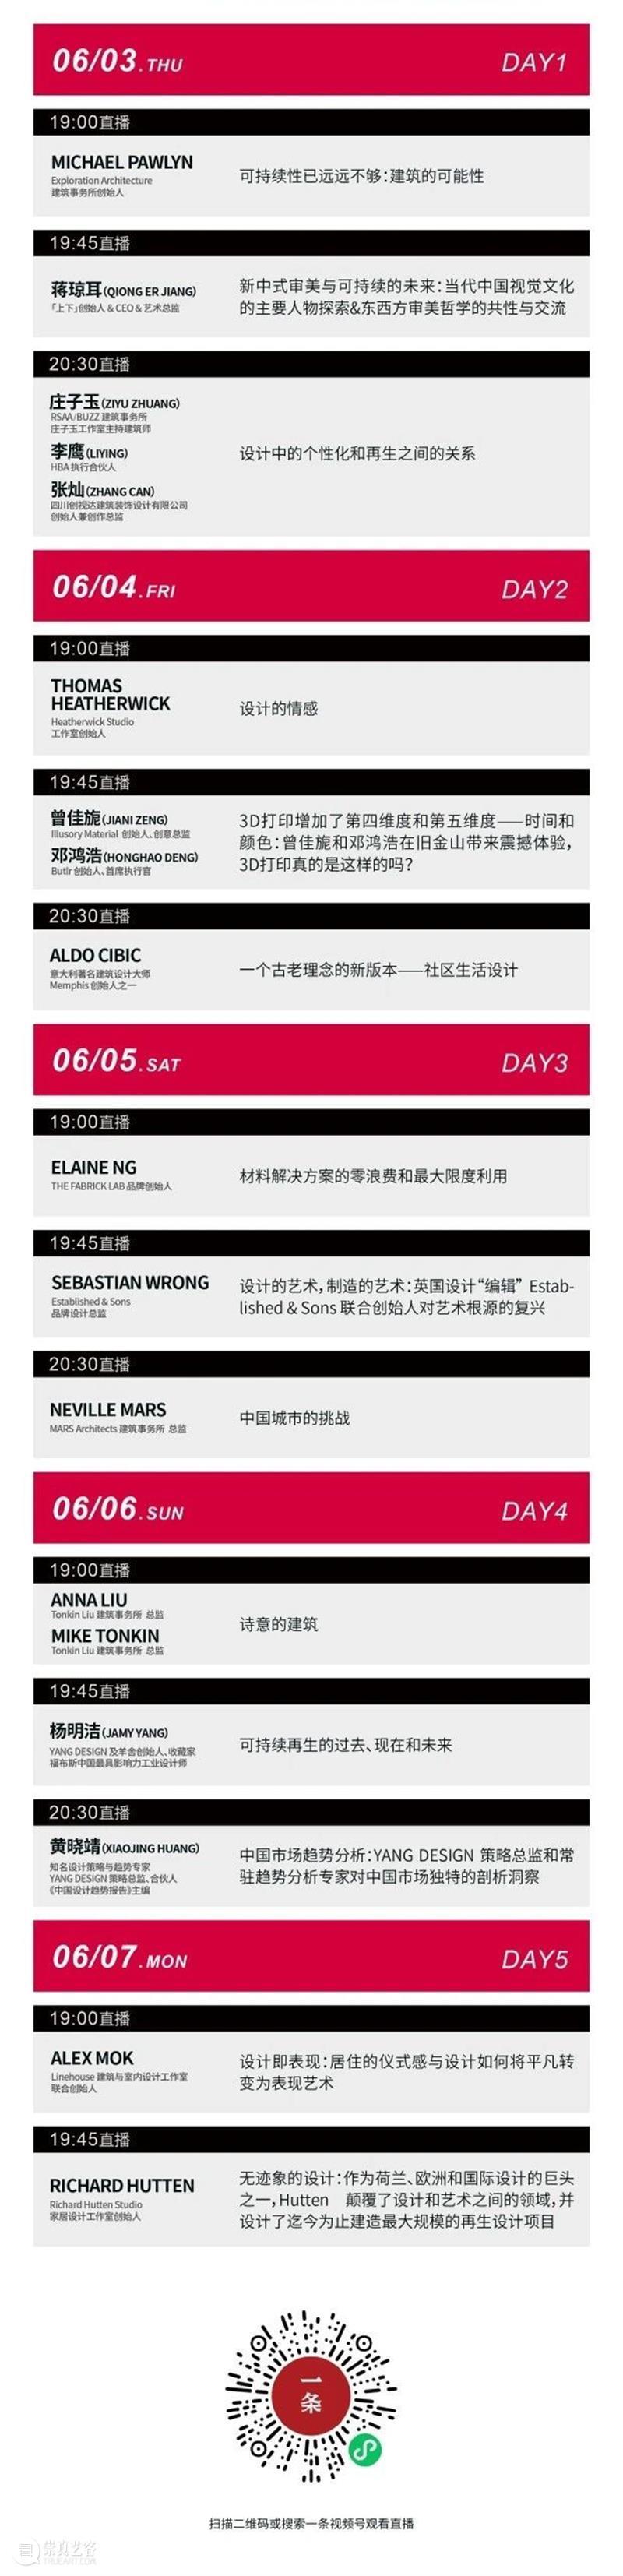 """一条视频号直播预告丨锁定""""设计上海""""2021现场盛况 上海 现场 盛况 视频 直播预告丨 右侧 二维码 原文 门票 媒体 崇真艺客"""